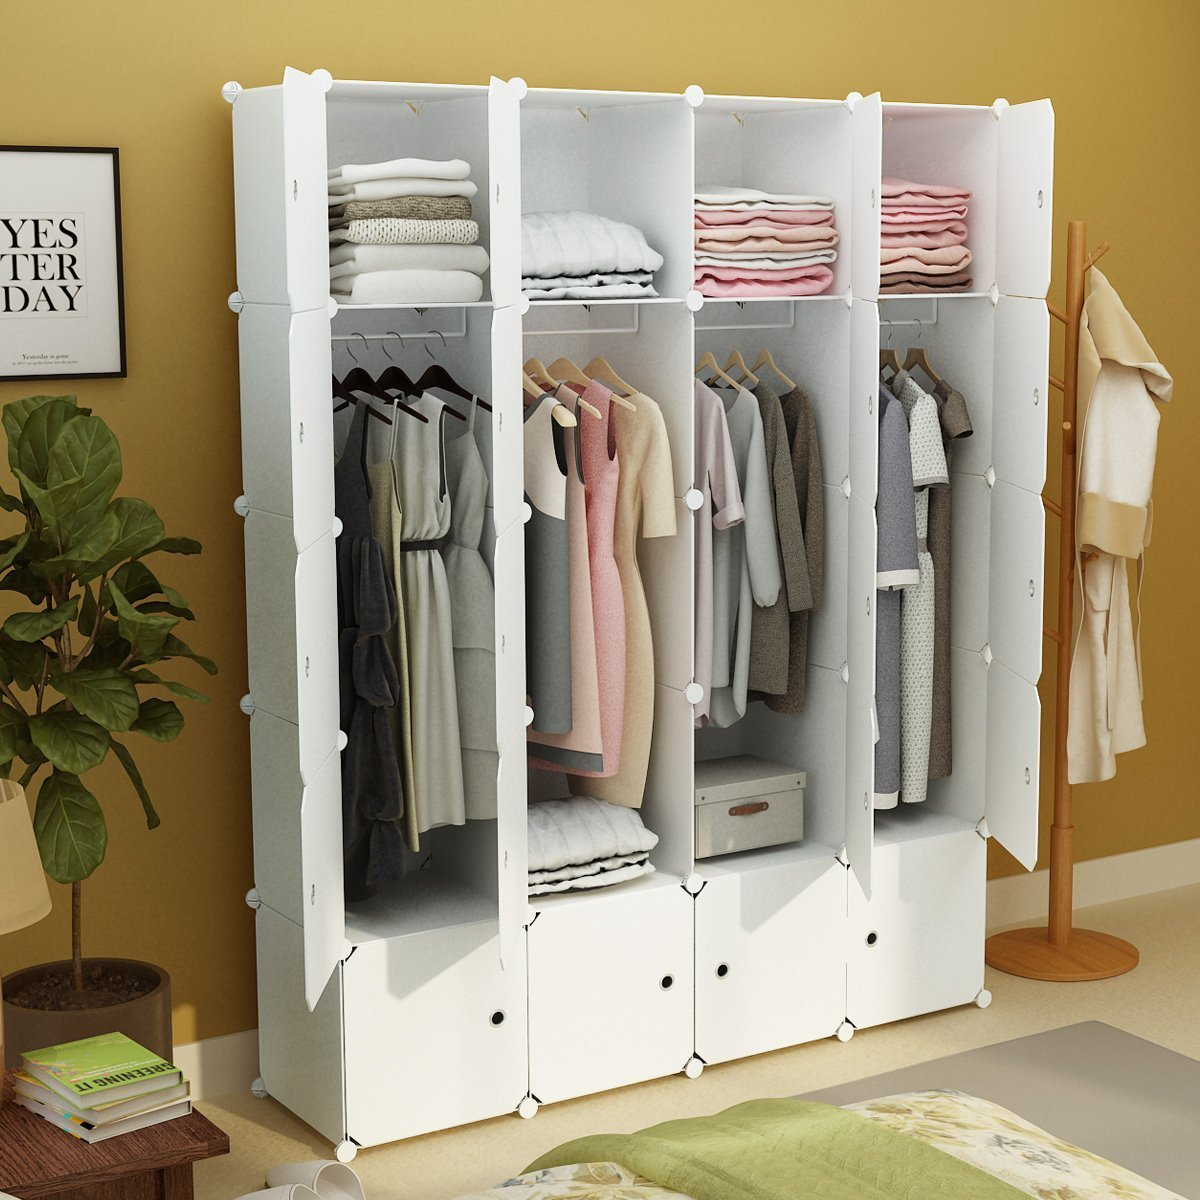 Grosshandel Diy Tragbare Garderobe Kleiderschrank Modulare